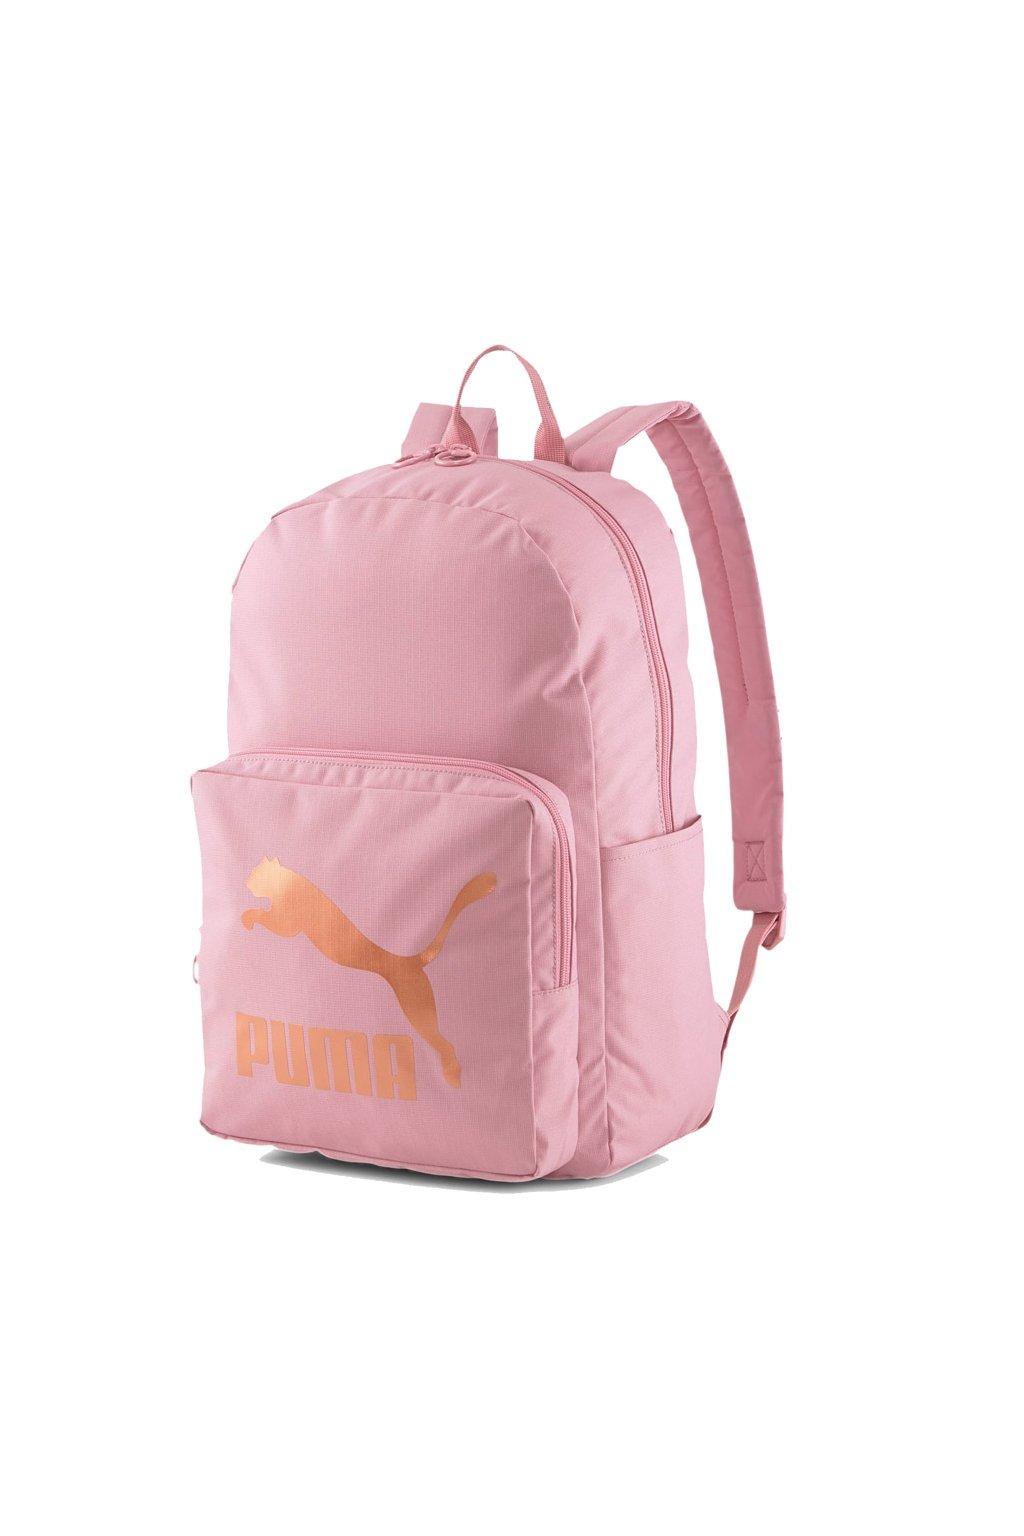 Batoh Puma Originals Backpack ružový 077353 03